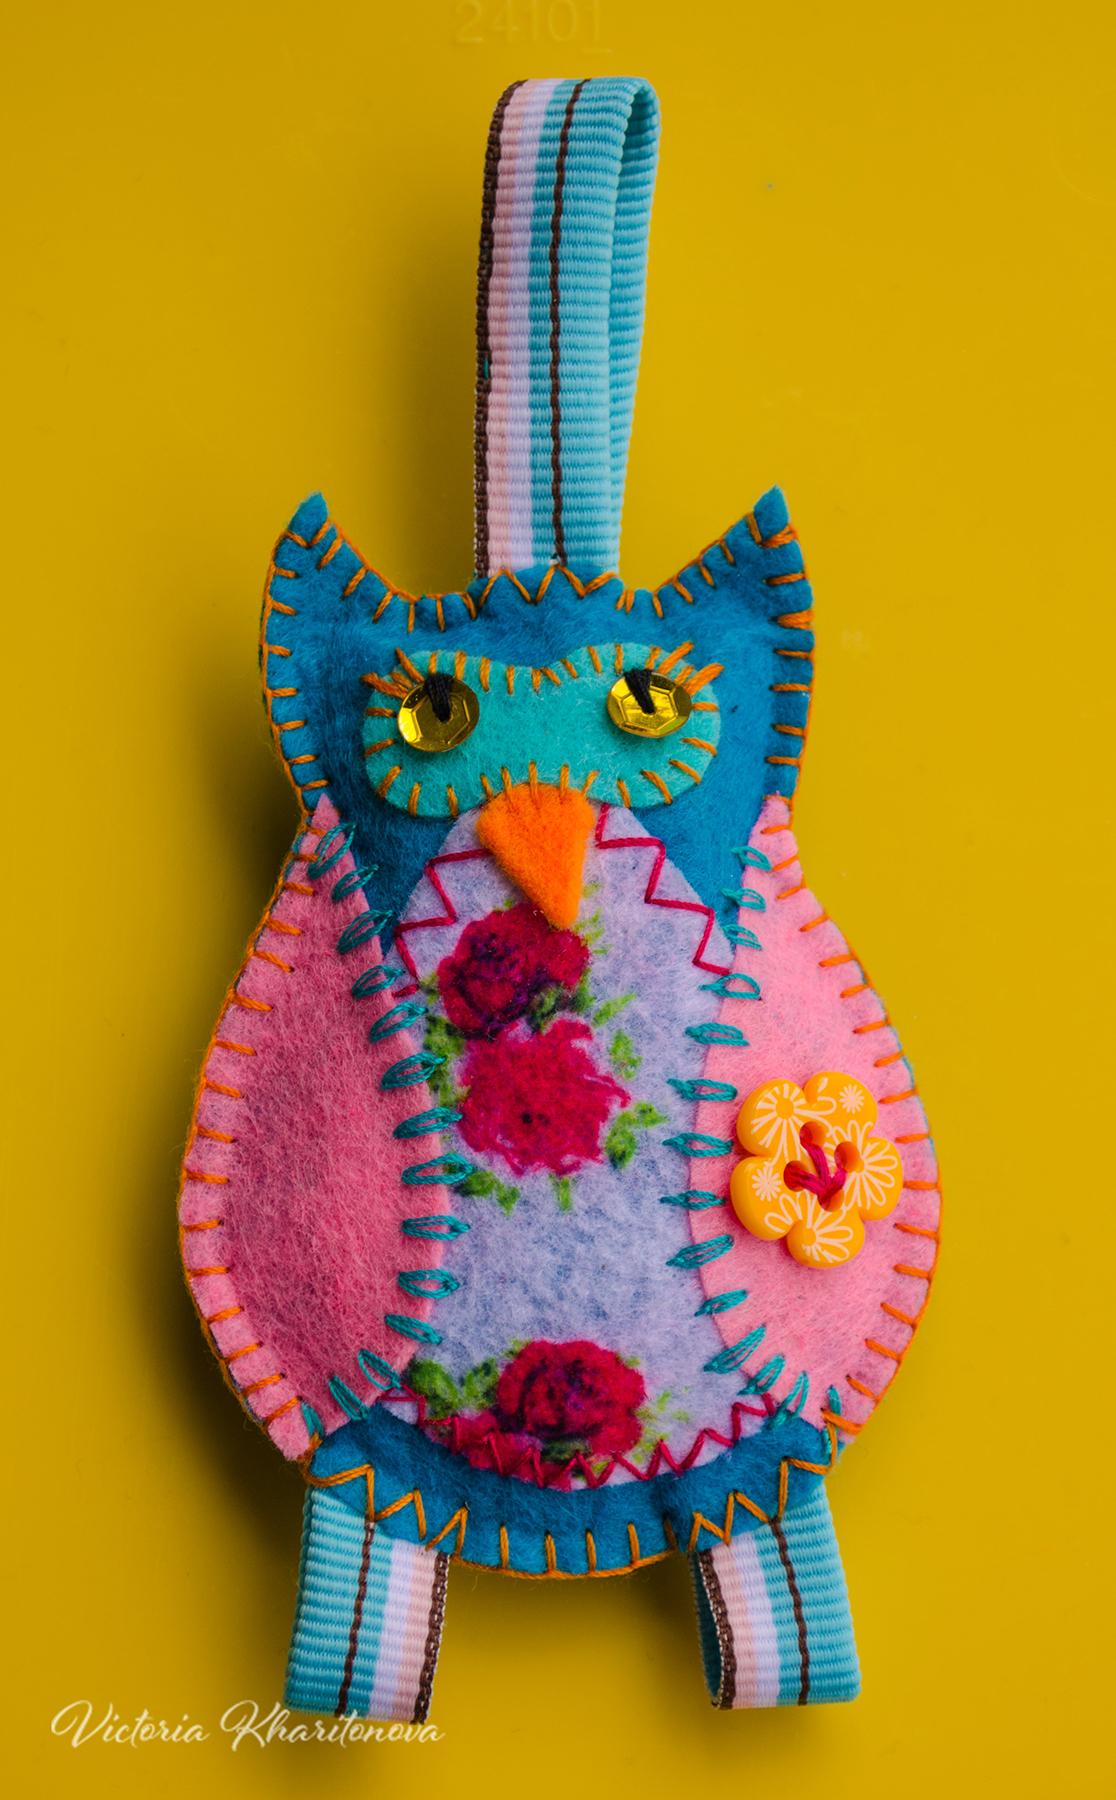 Сute owl